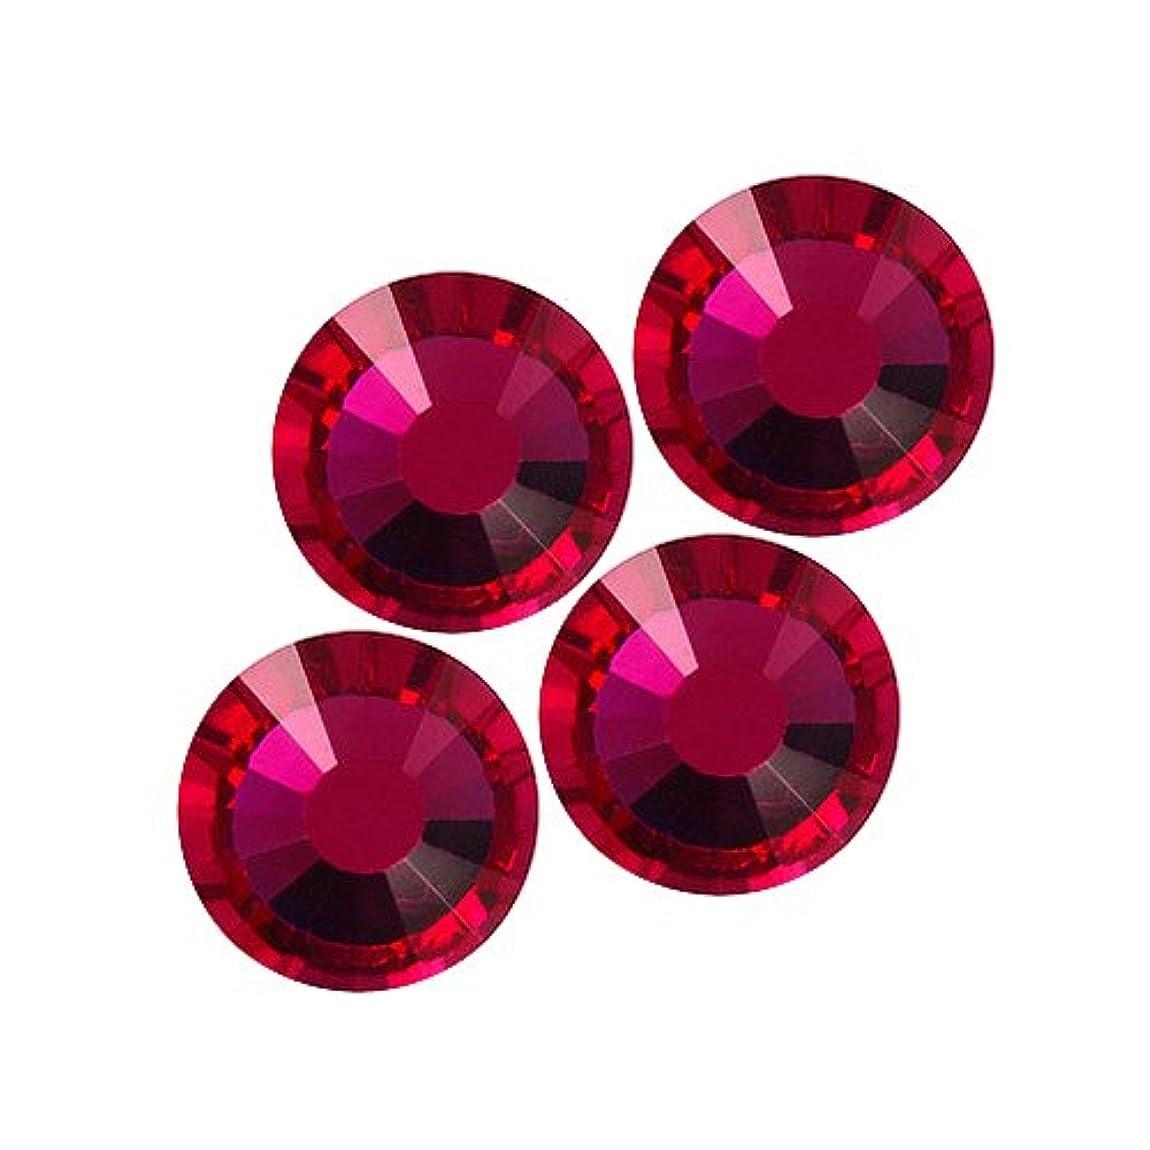 バイナル DIAMOND RHINESTONE ボルカノ SS30 360粒 ST-SS30-VOL-5GH